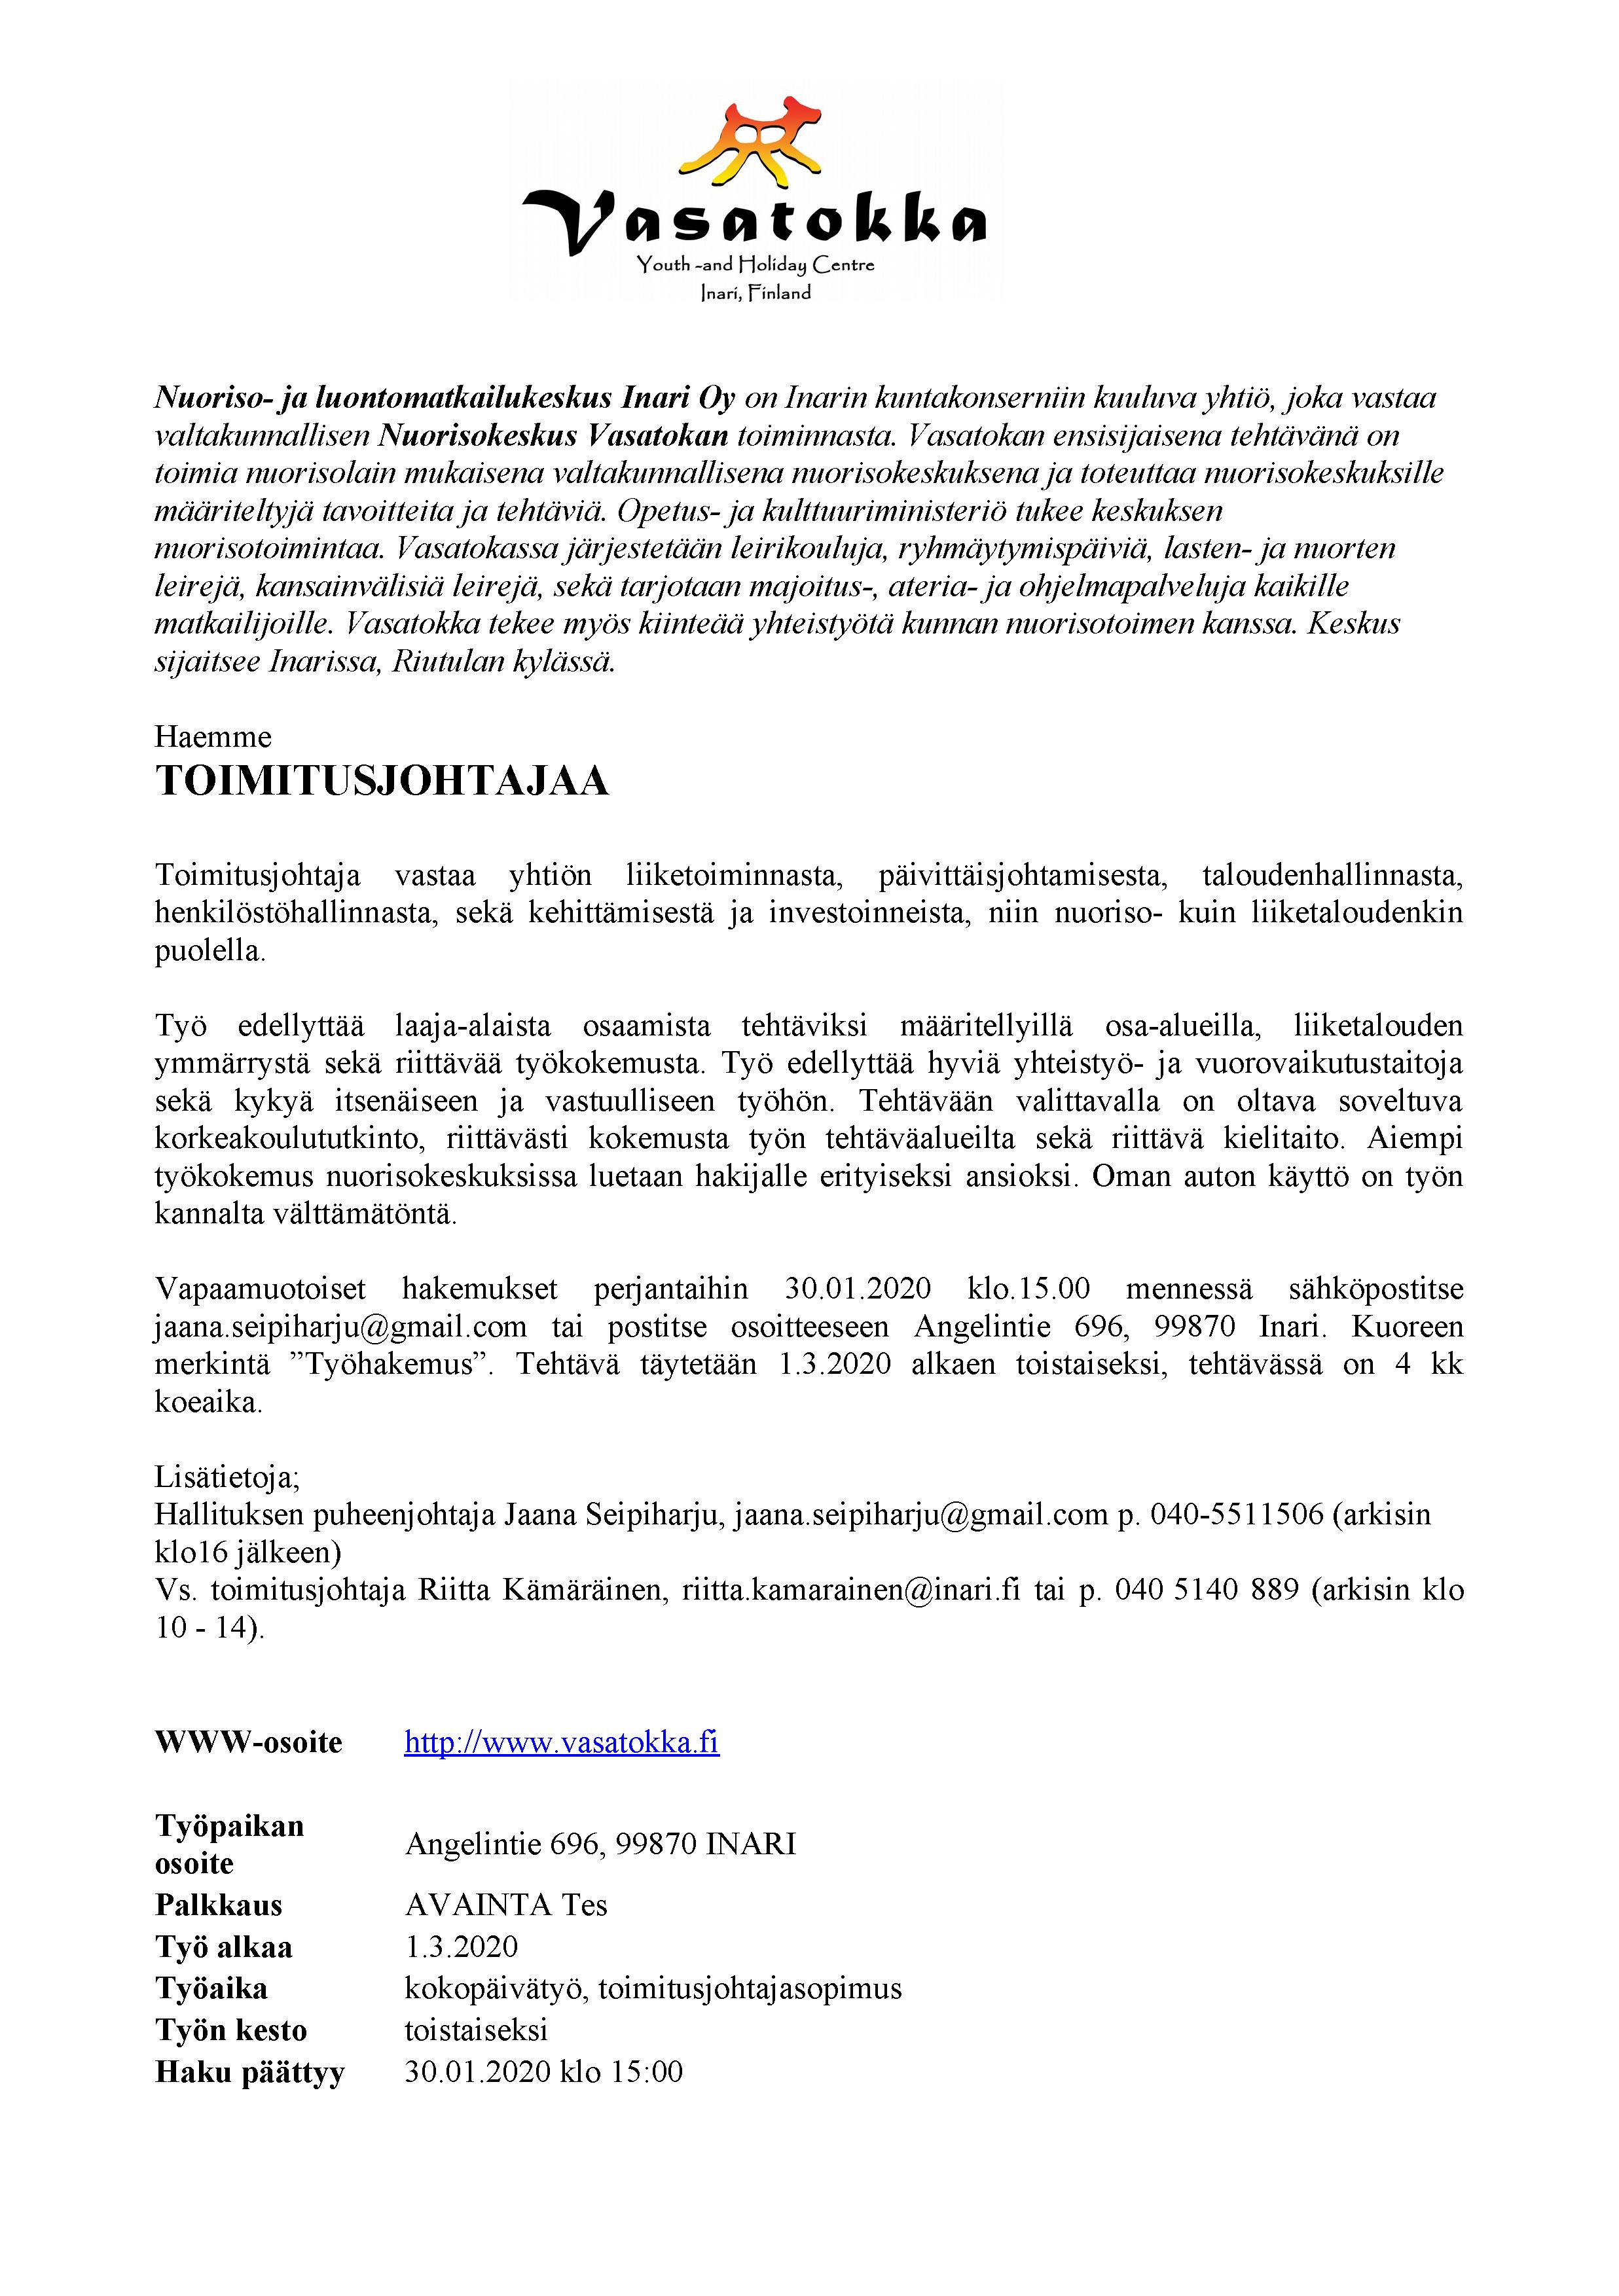 työpaikkailmoitus_toimitusjohtaja 2020_png_Sivu_1